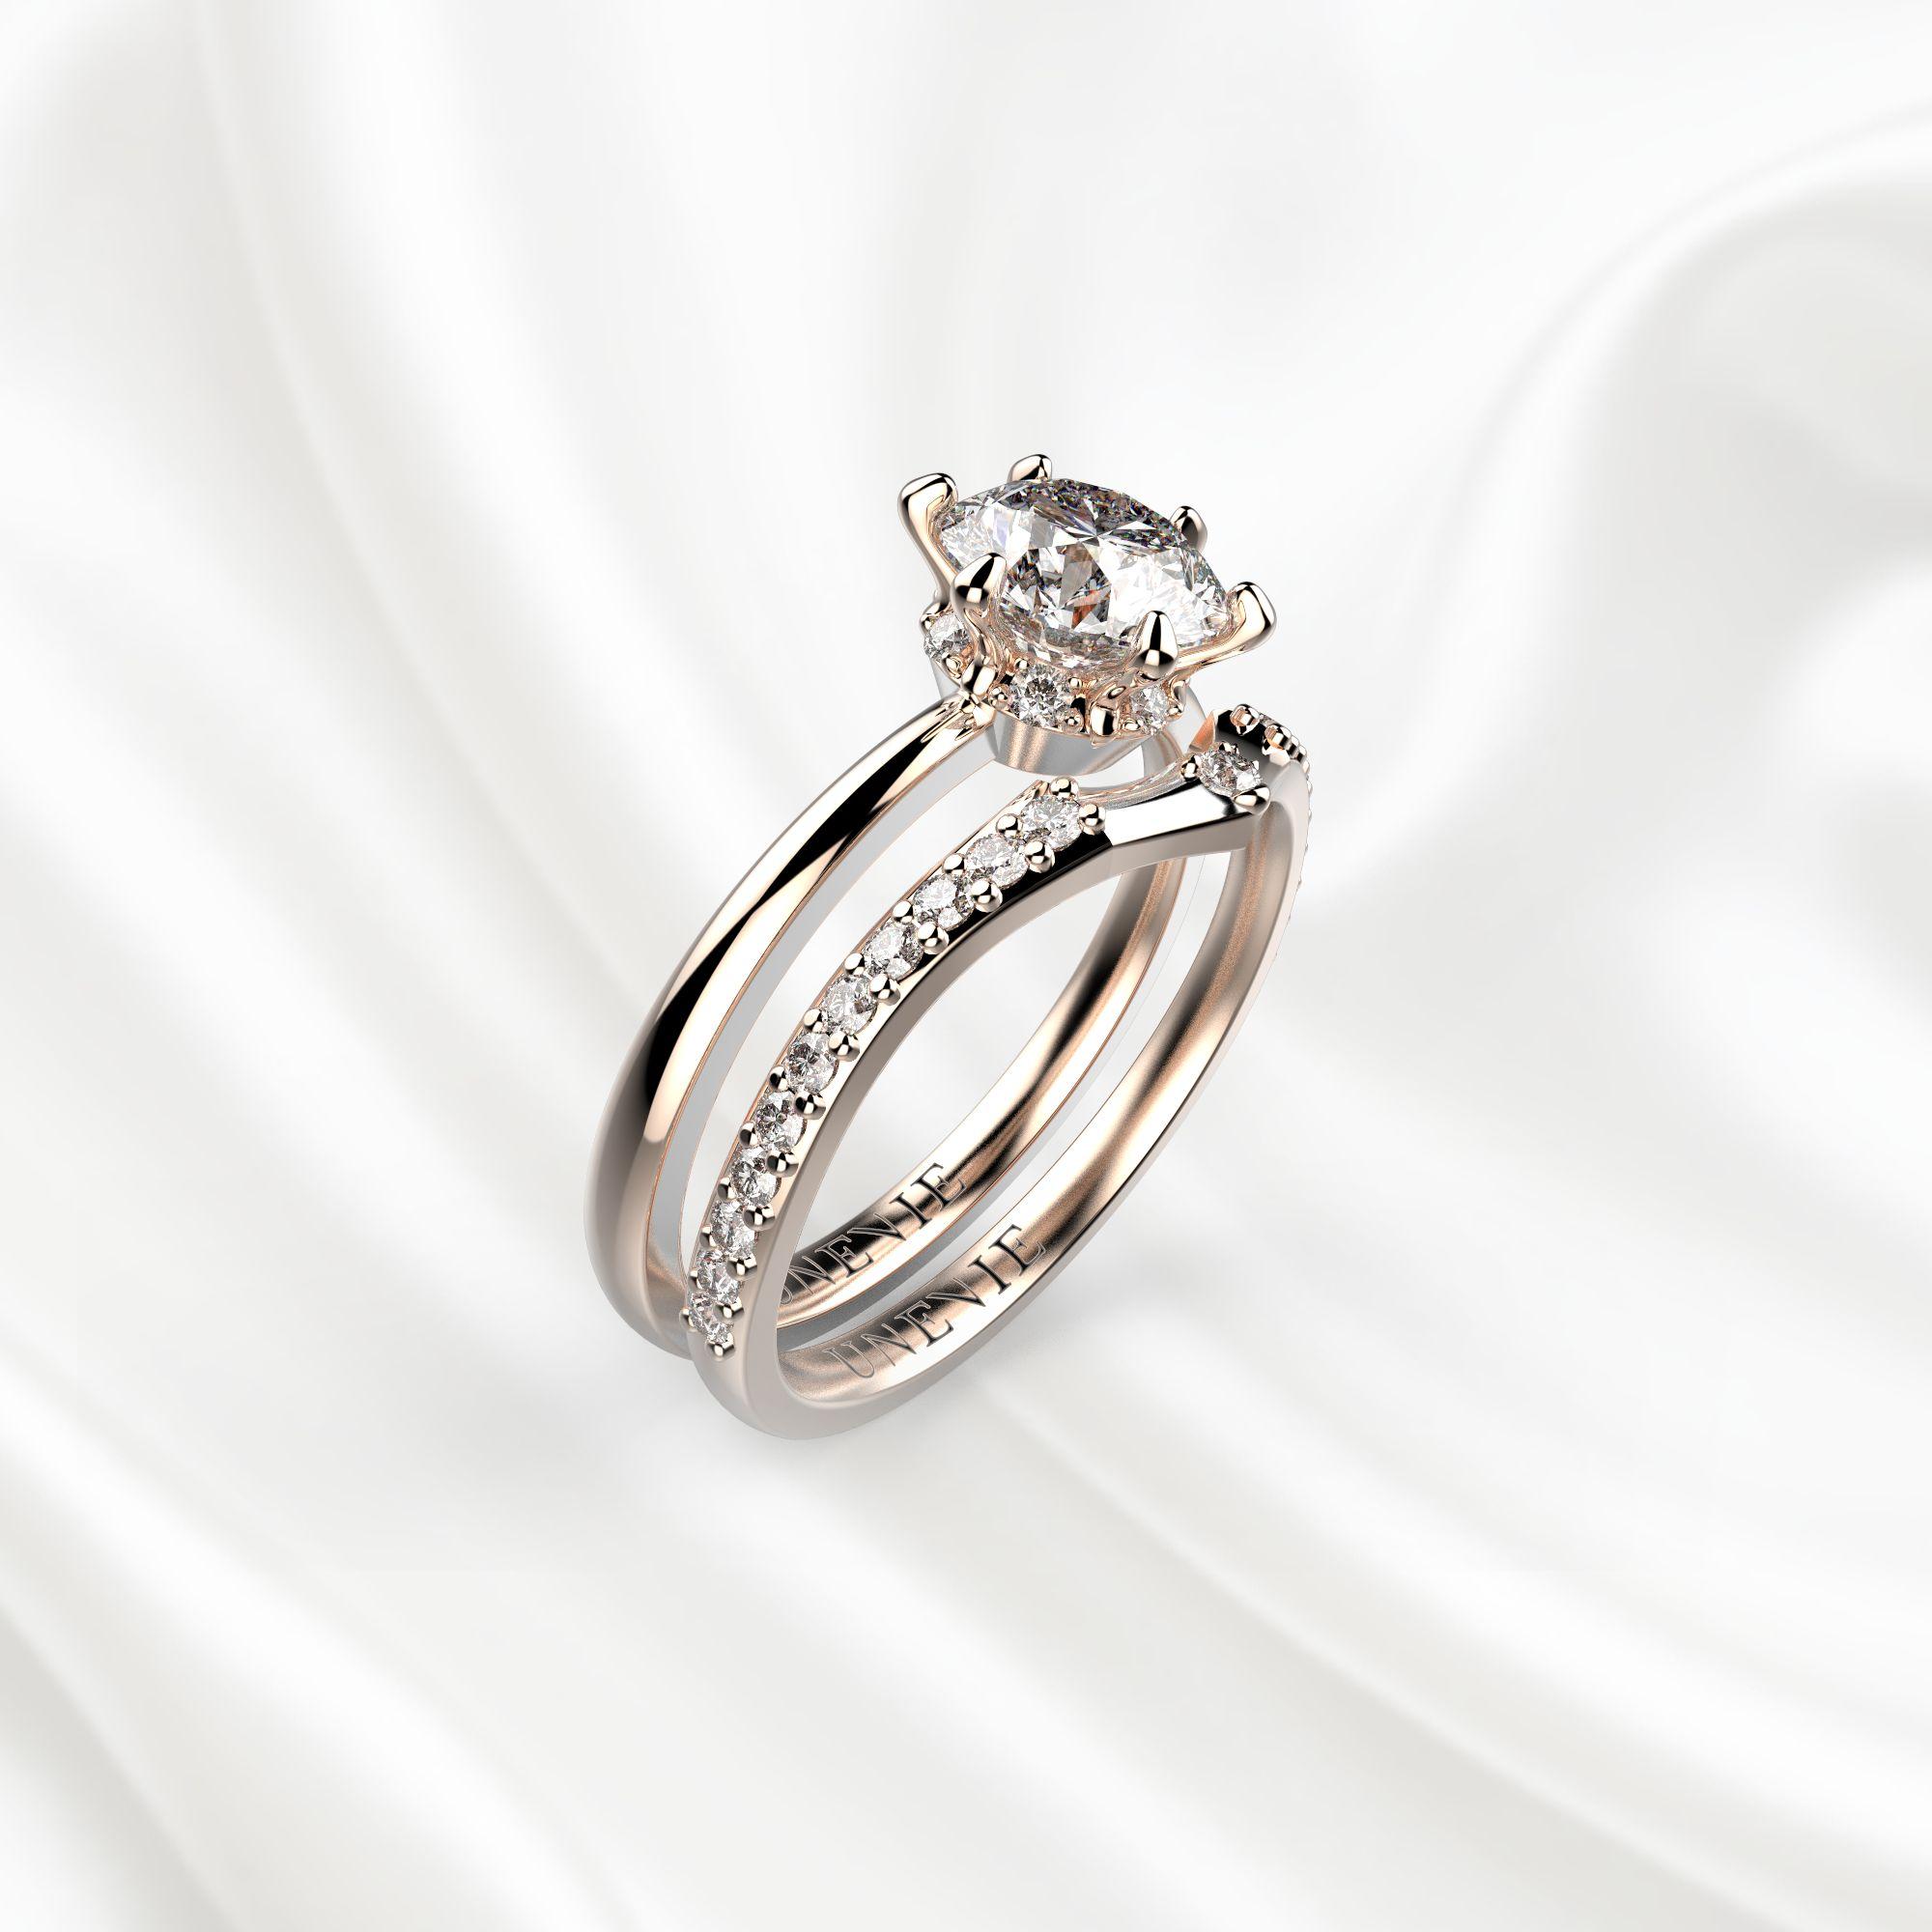 N3 Сет колец для помолвки из розового золота с бриллиантом 0.8 карат